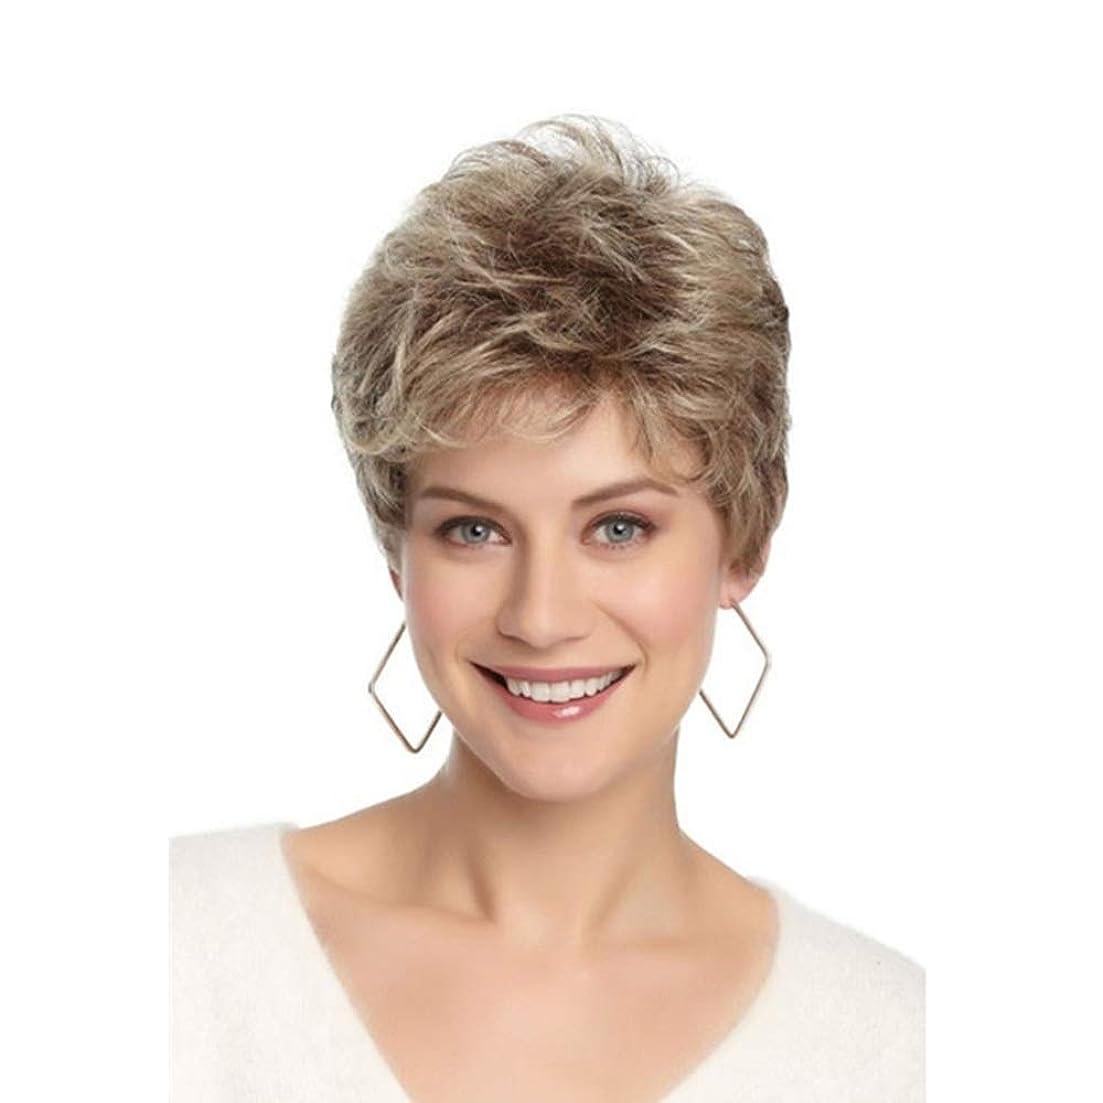 禁止するギネス表面的なWASAIO 女性の金髪カーリーウィッグ耐熱ナチュラル (色 : Blonde)